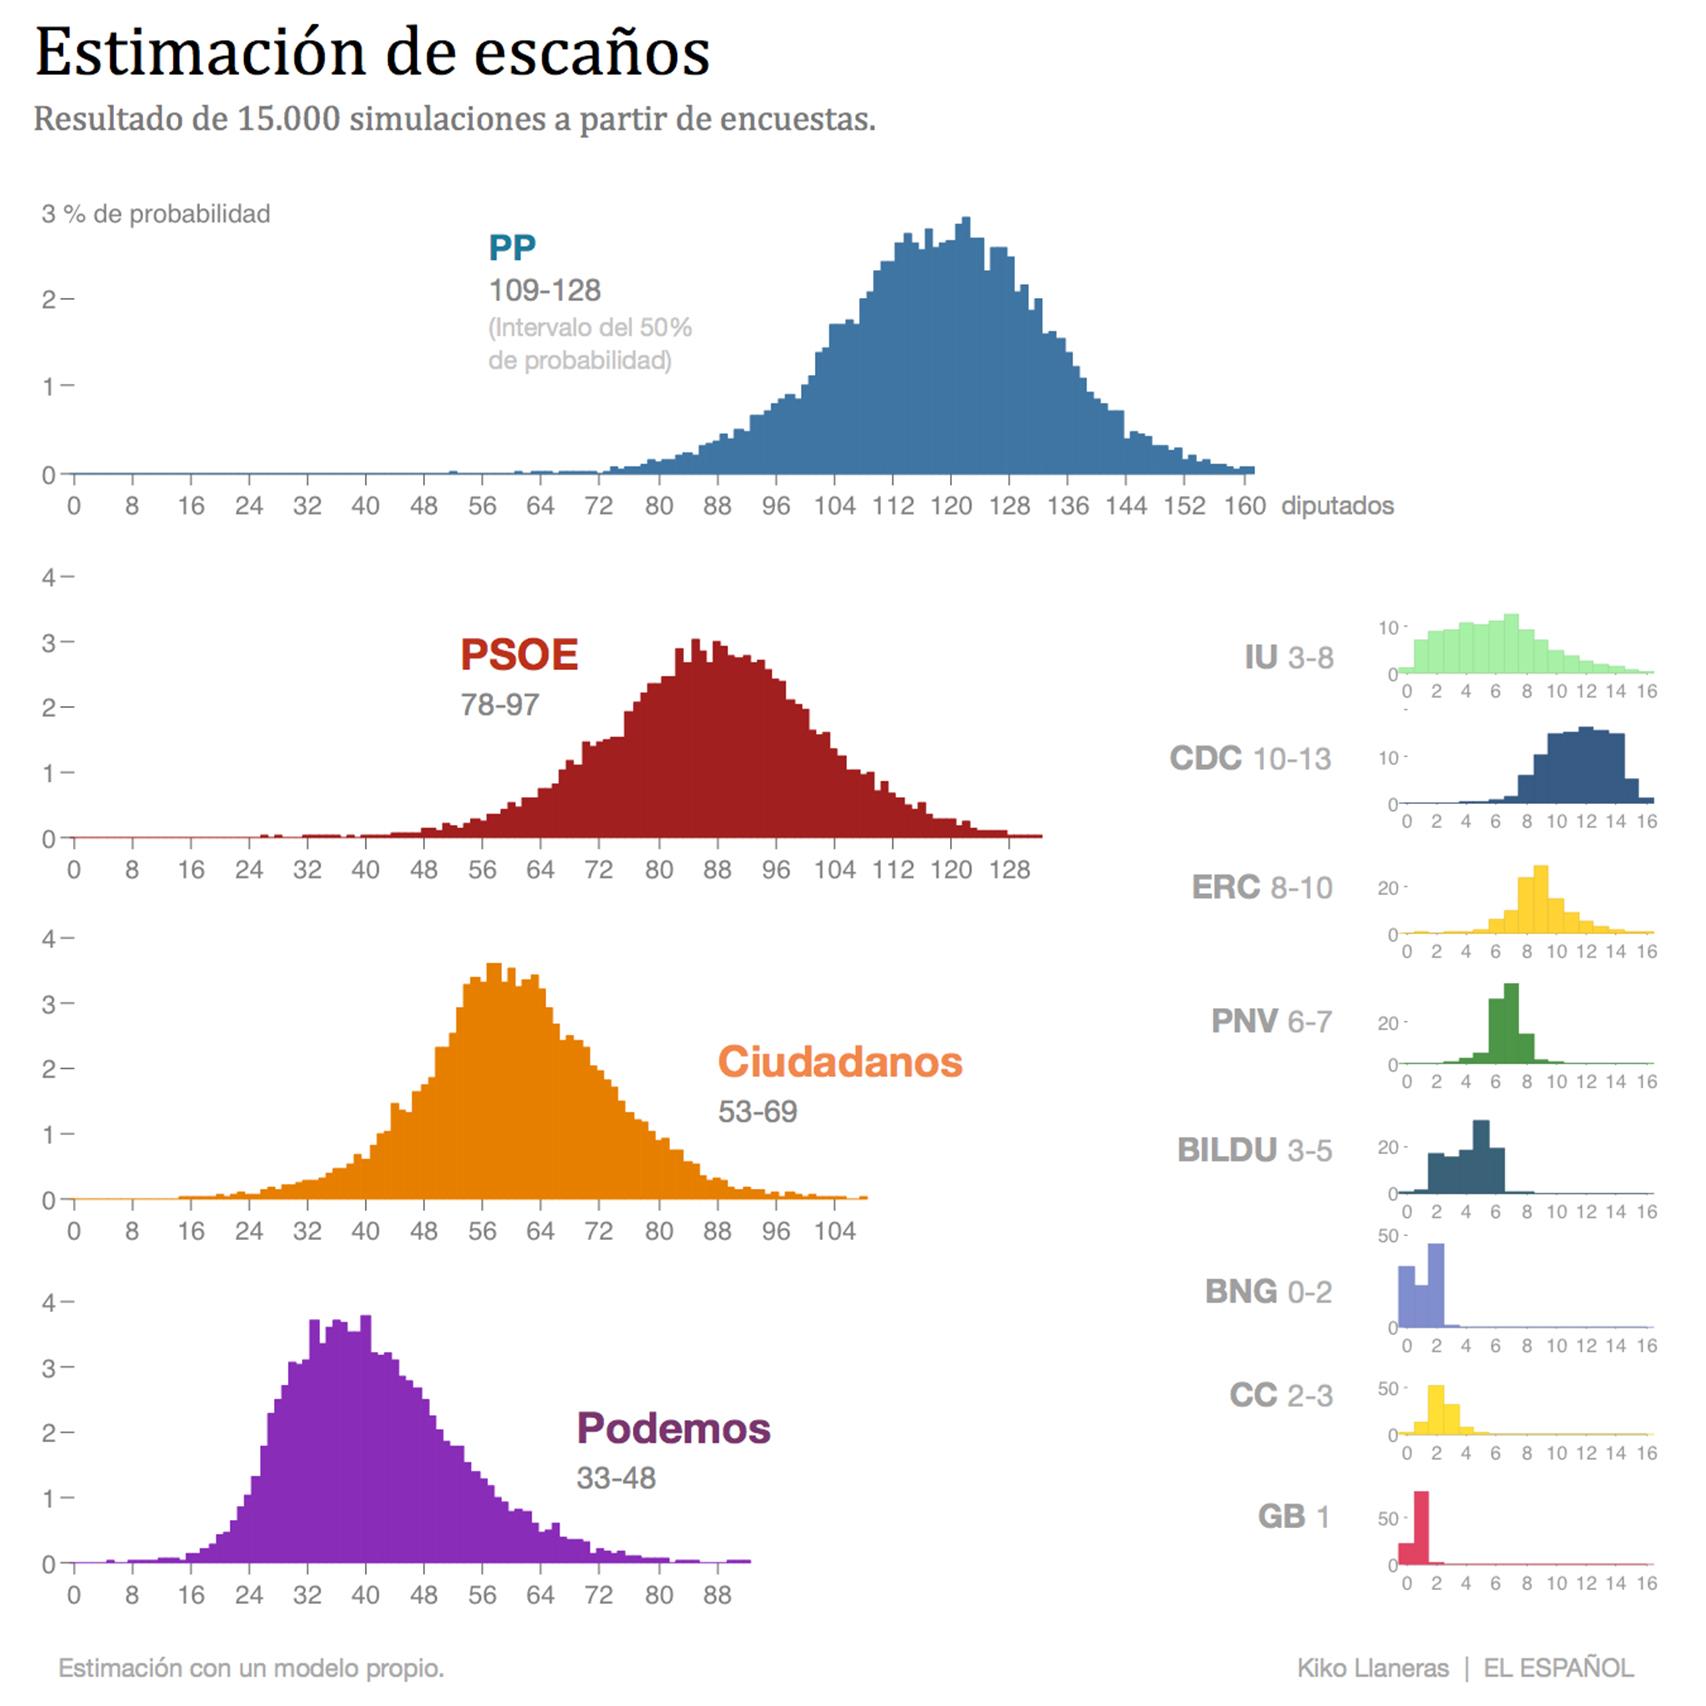 Cada gráfico es un histograma. El eje x representa un número de escaños y la altura de las barras la probabilidad de que el partido logre ese resultado.